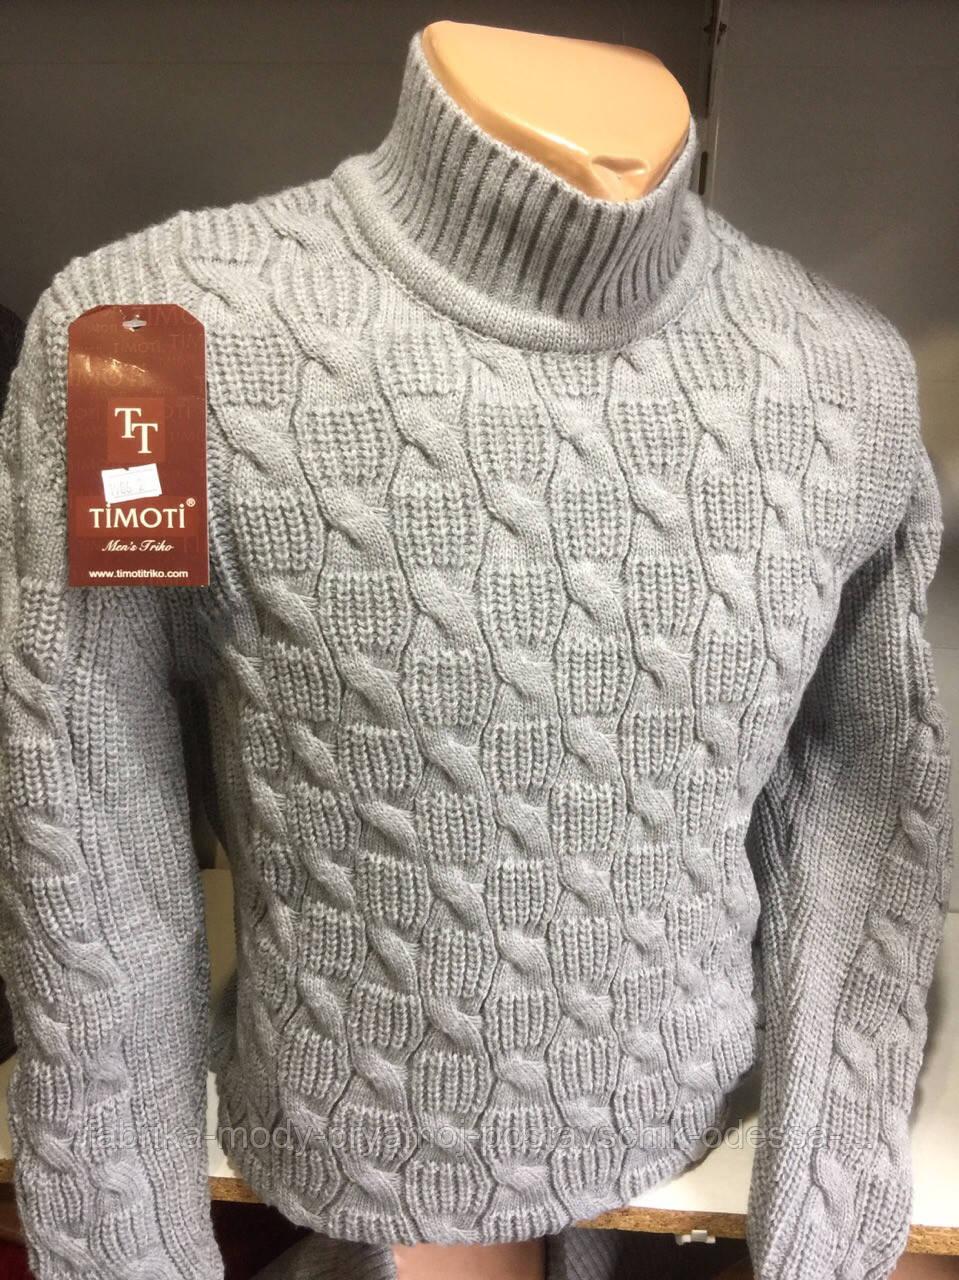 Тёплый молодёжный свитер стойка производства Турции. Состав 50шерсть/50акрил. Размеры с/м,л/хл.